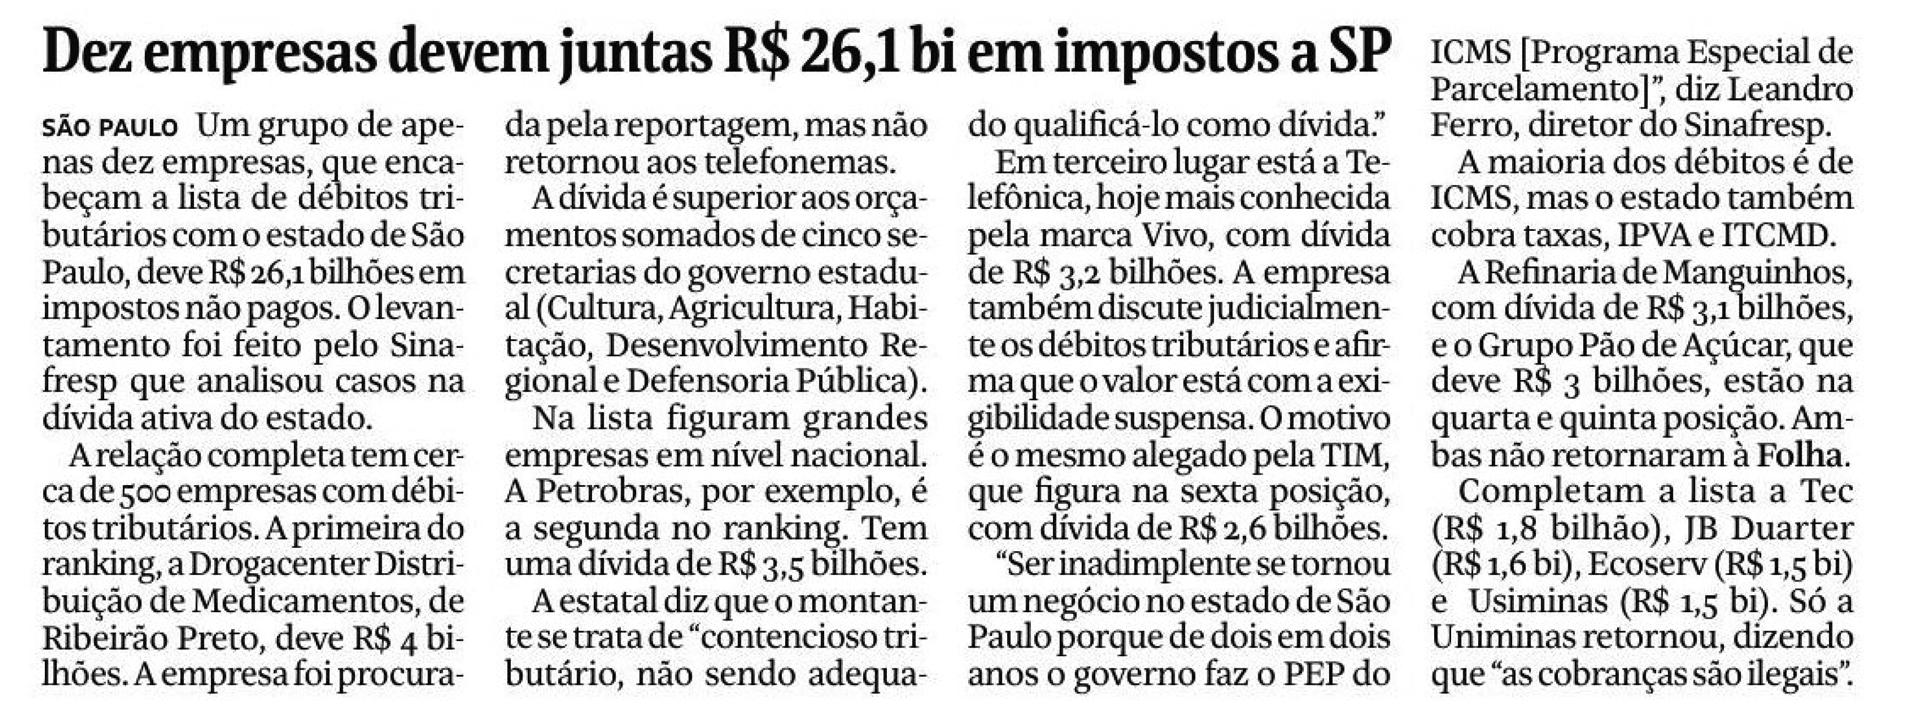 As dez empresas com maiores débitos devem juntas R$ 26,1 bilhões, relativos a tributos não pagos em São Paulo